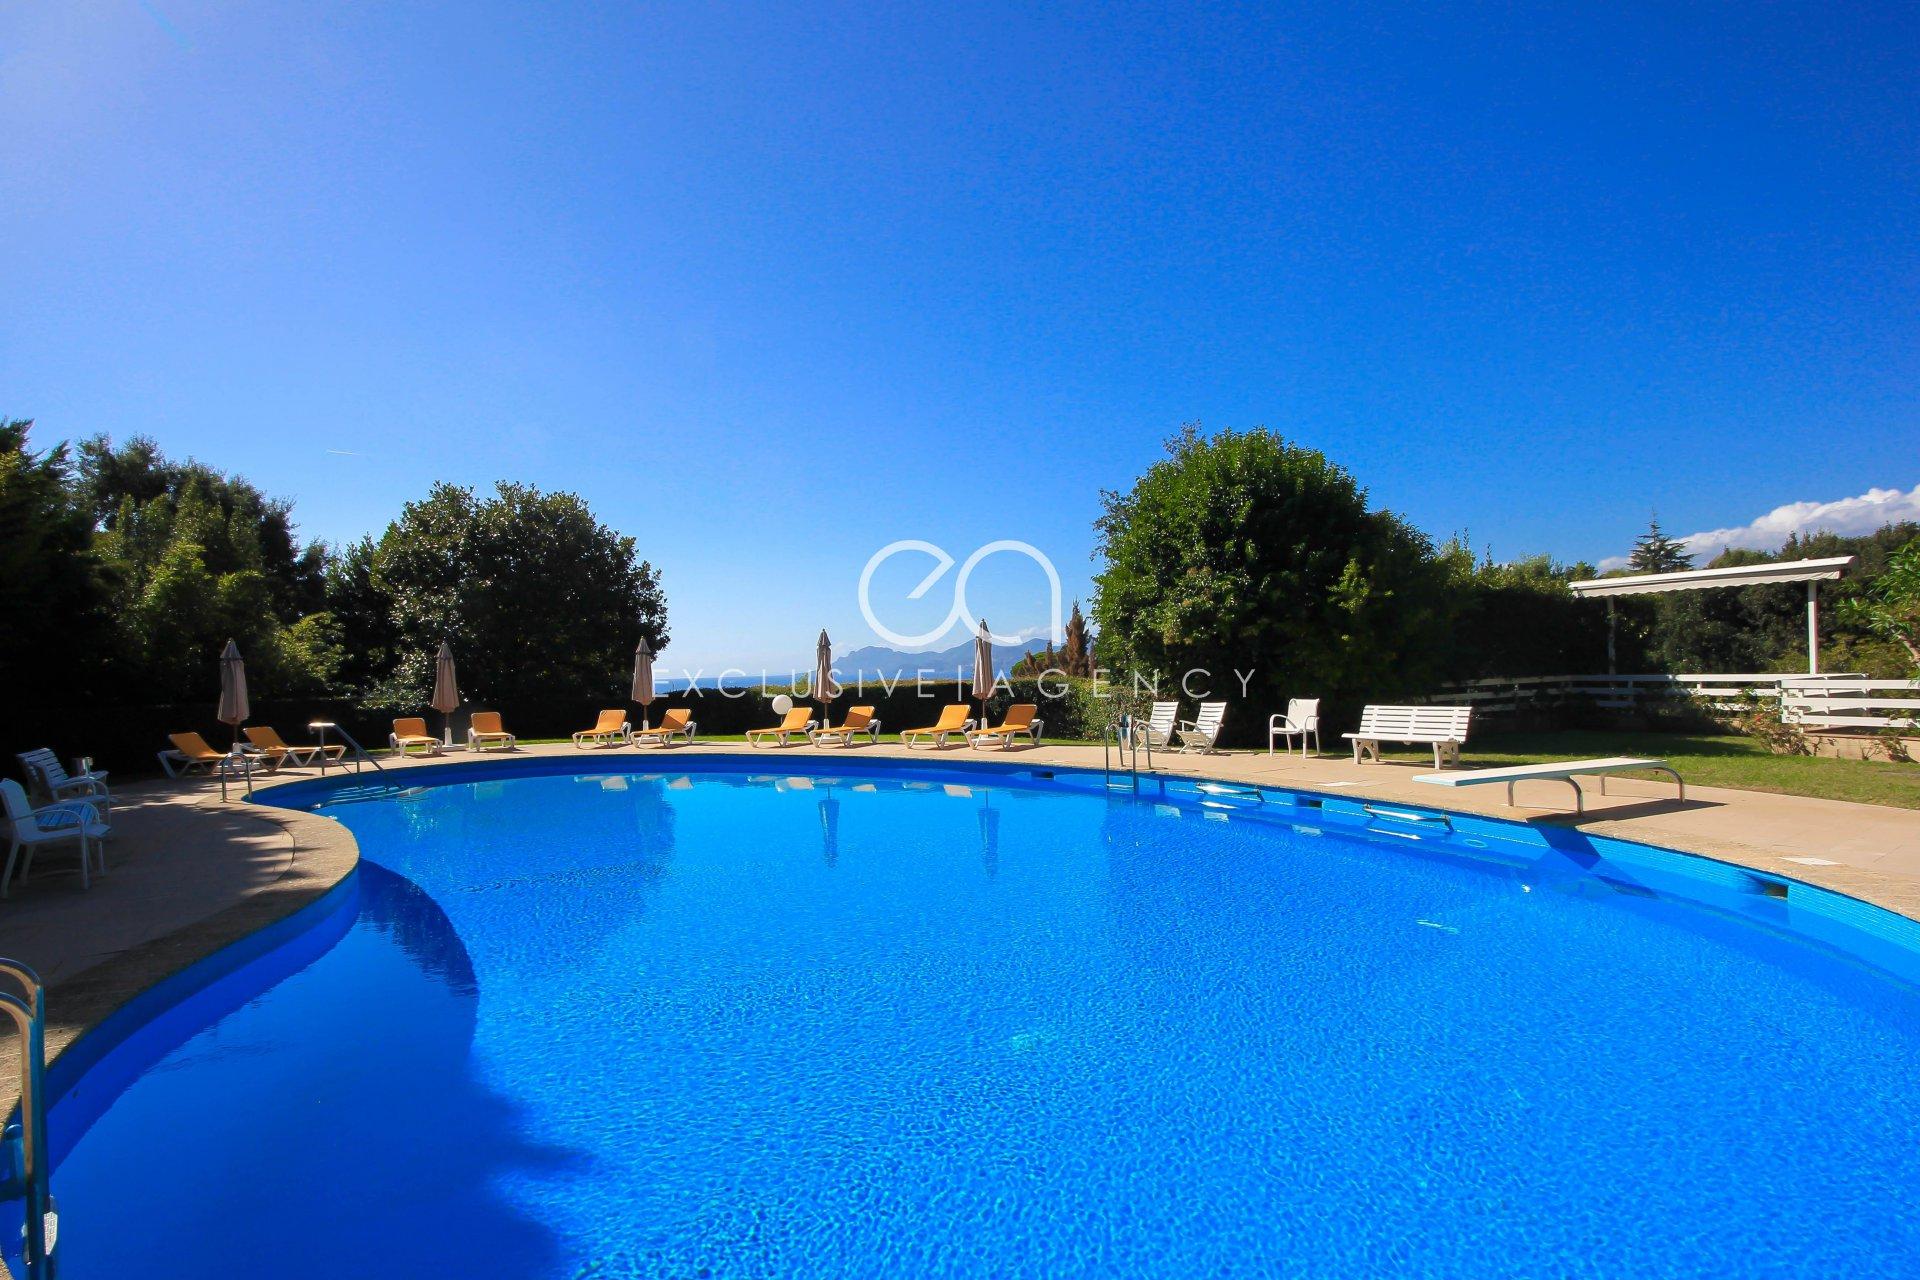 Канны Калифорни Квартира-вилла с 4 спальнями в закрытой резиденции с парком, бассейном и теннисом.